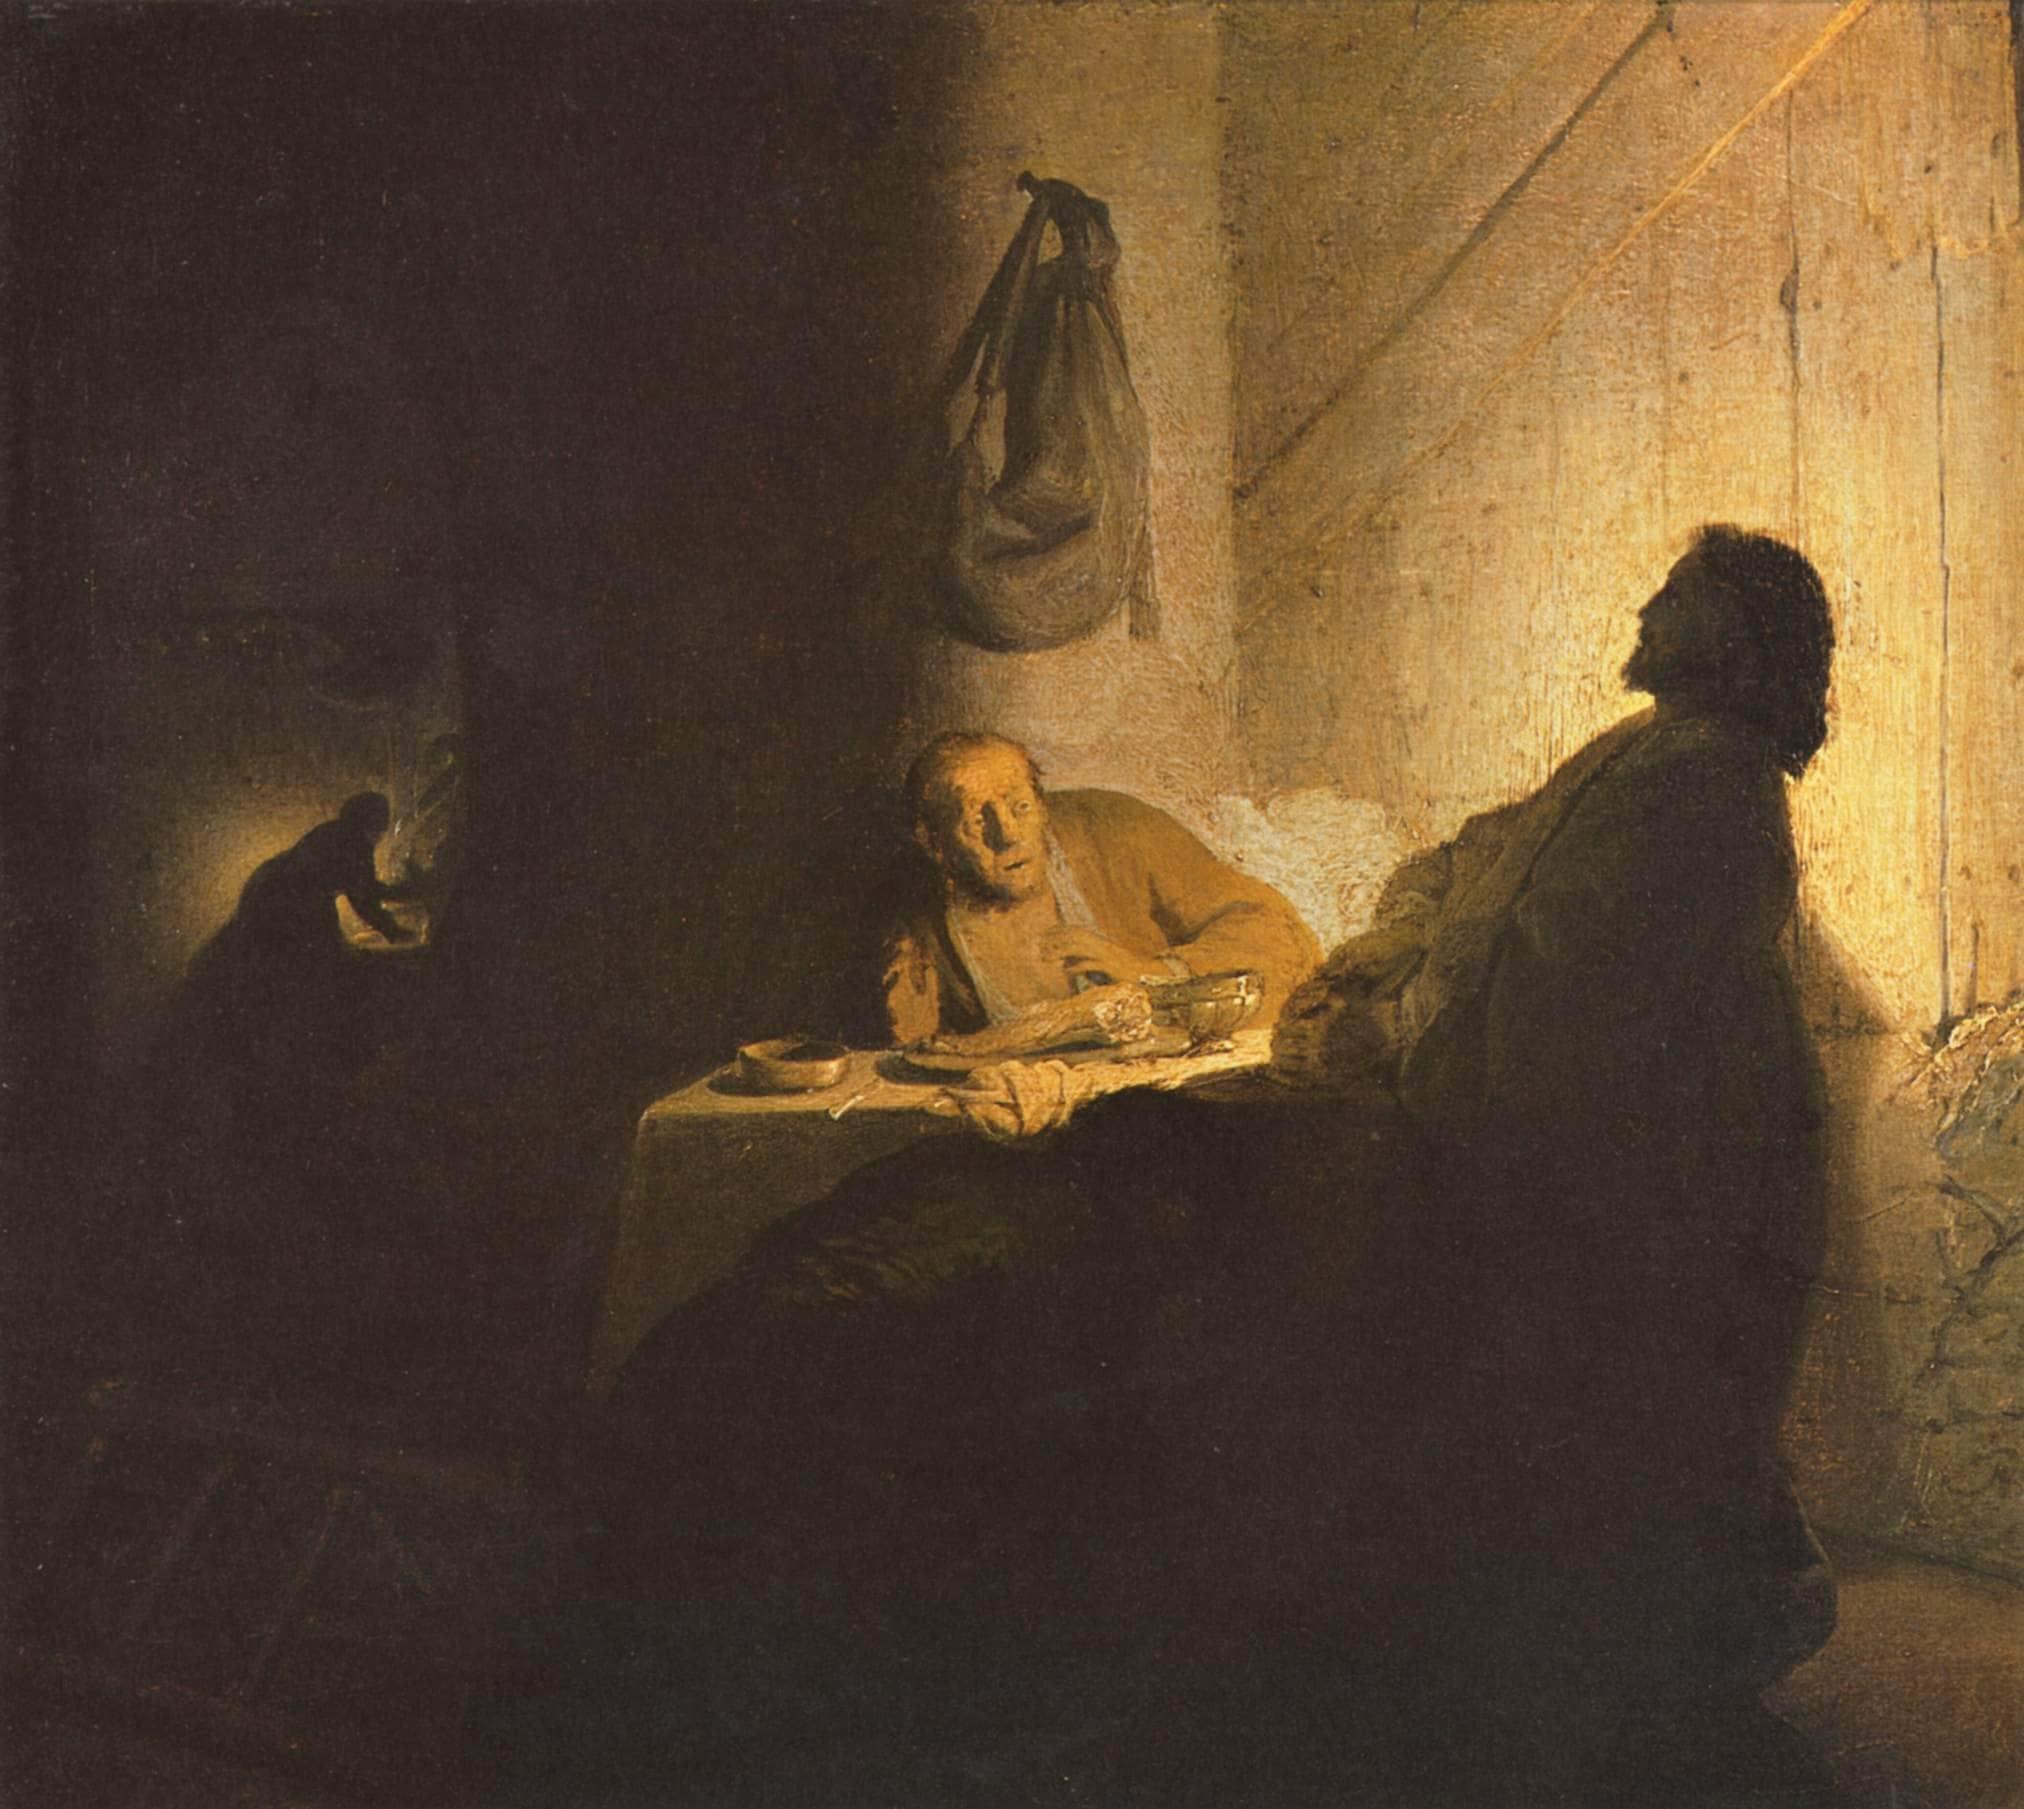 Rembrandt%20(1606-1669)%2C%20Os%20peregrinos%20de%20Ema%C3%BAs%20(%C3%B3leo%20sobre%20madeira%2C%201629)%20Museu%20Jacquemart-Andr%C3%A9%2C%20Paris%20